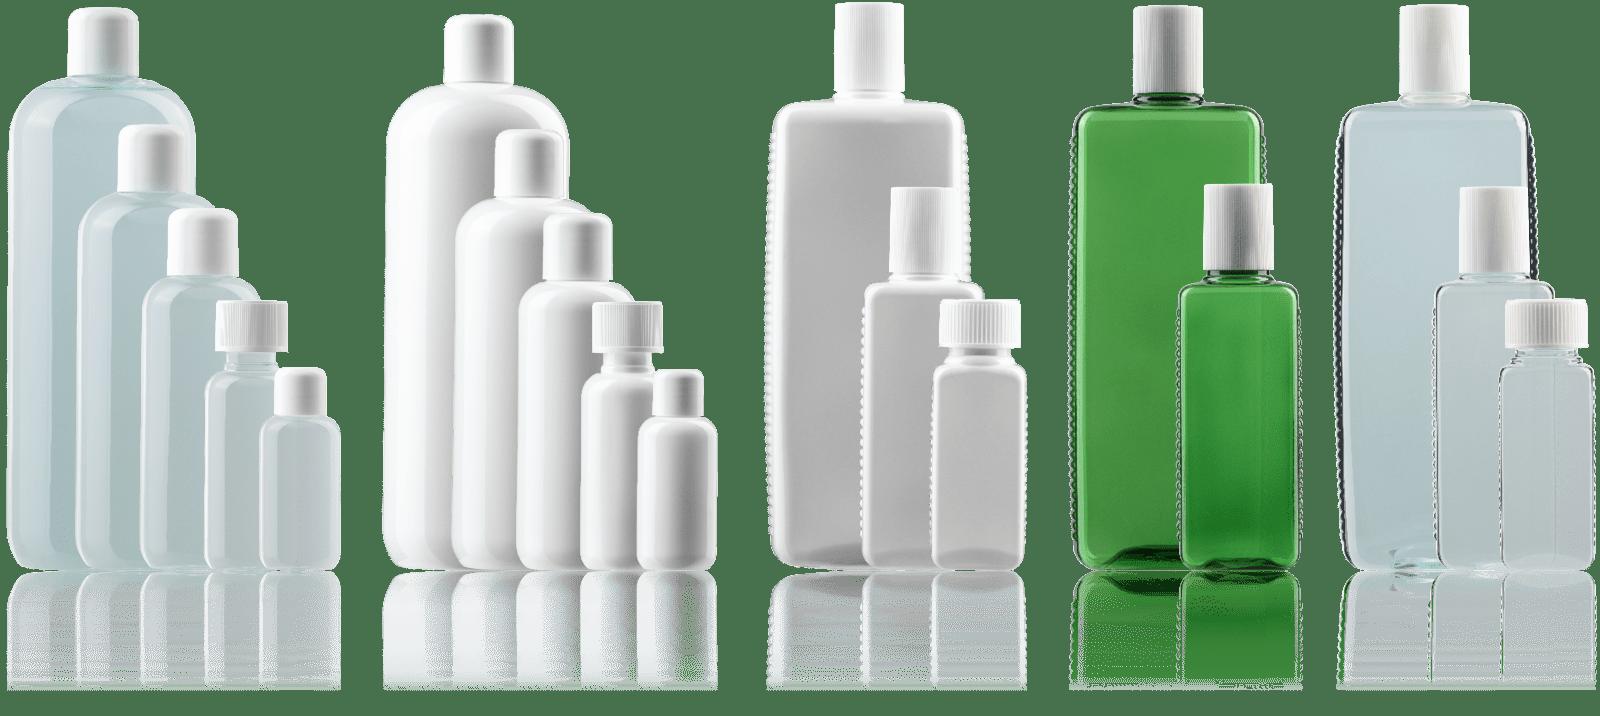 Desinfektionsmittel Handesinfektion und Flächendesinfektion